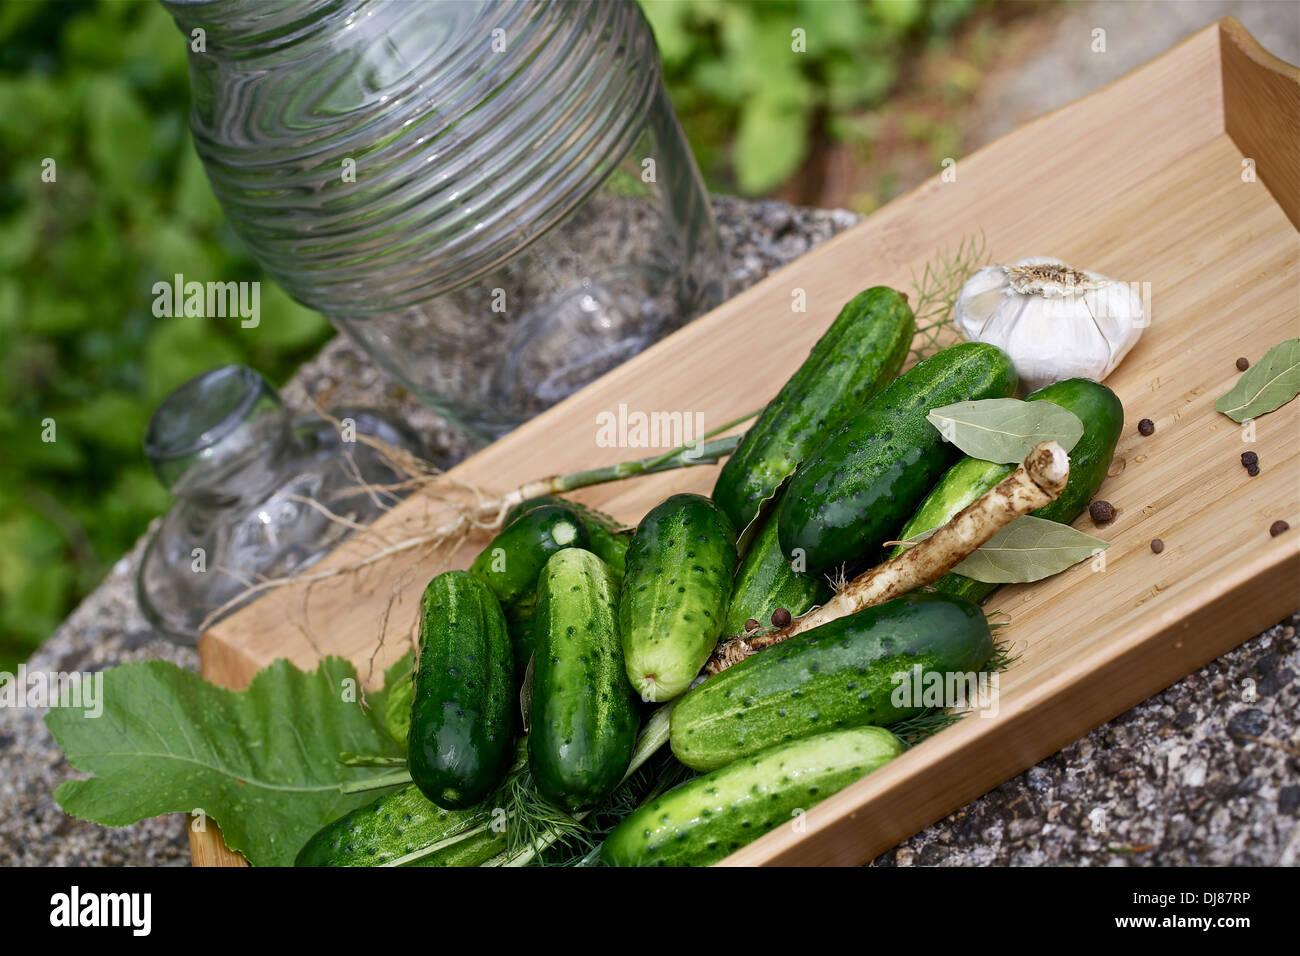 Les concombres et les ingrédients frais, les conserves maison Photo Stock